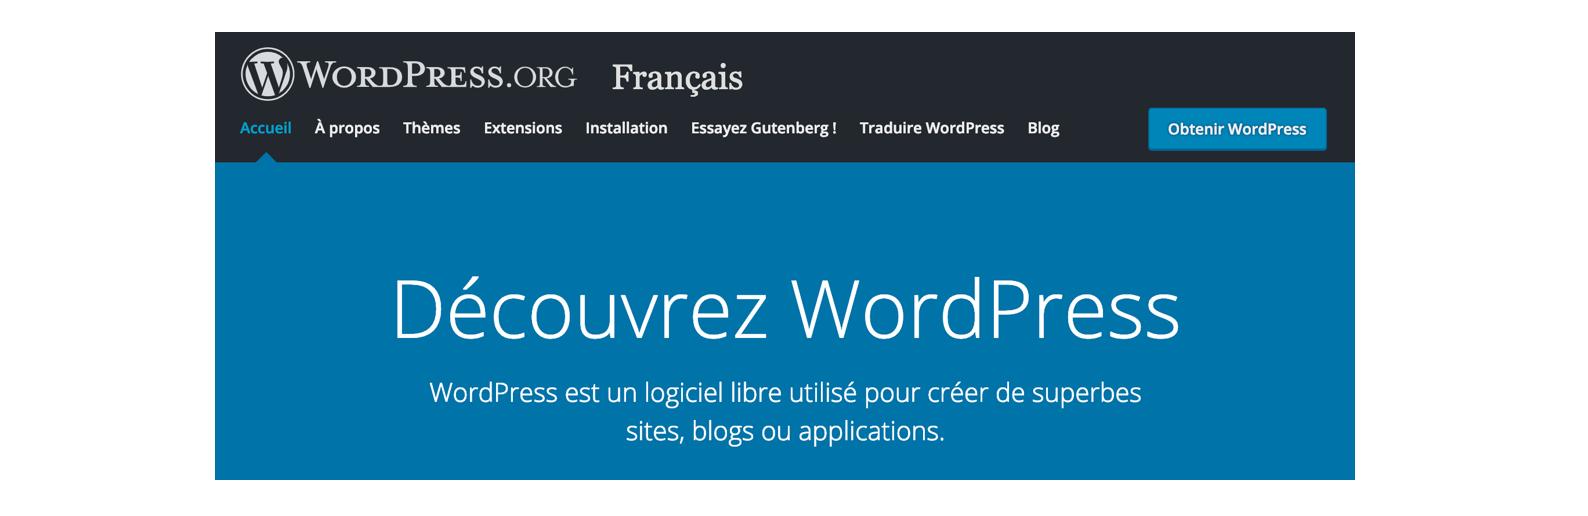 Vous pouvez par exemple créer un site internet sur WordPress